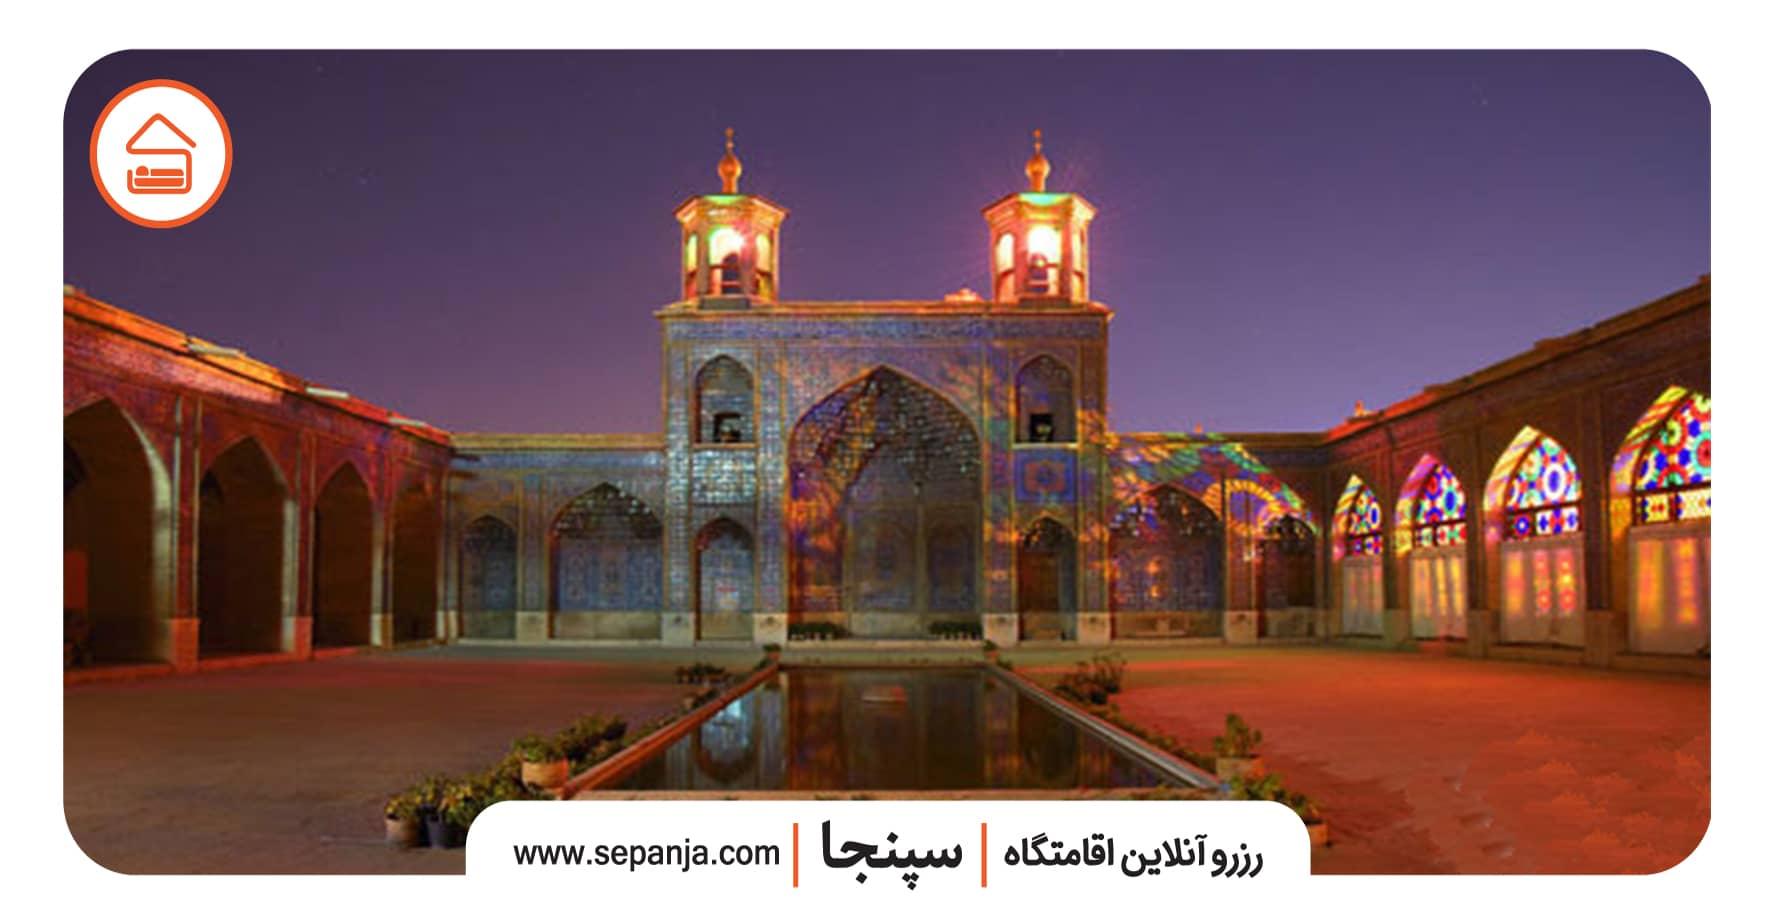 بهترین زمان بازدید از مسجد نصیرالملک